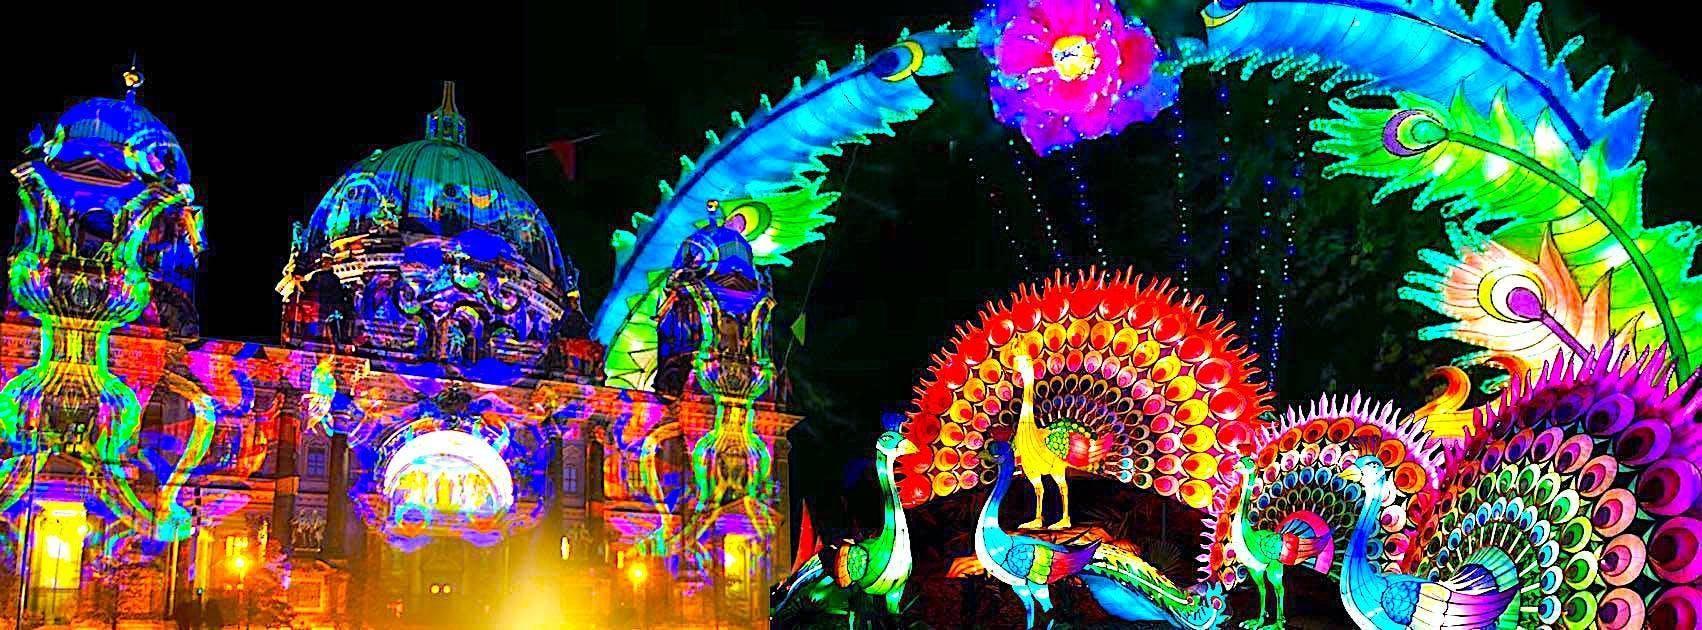 The Carnival Of Light Swindon